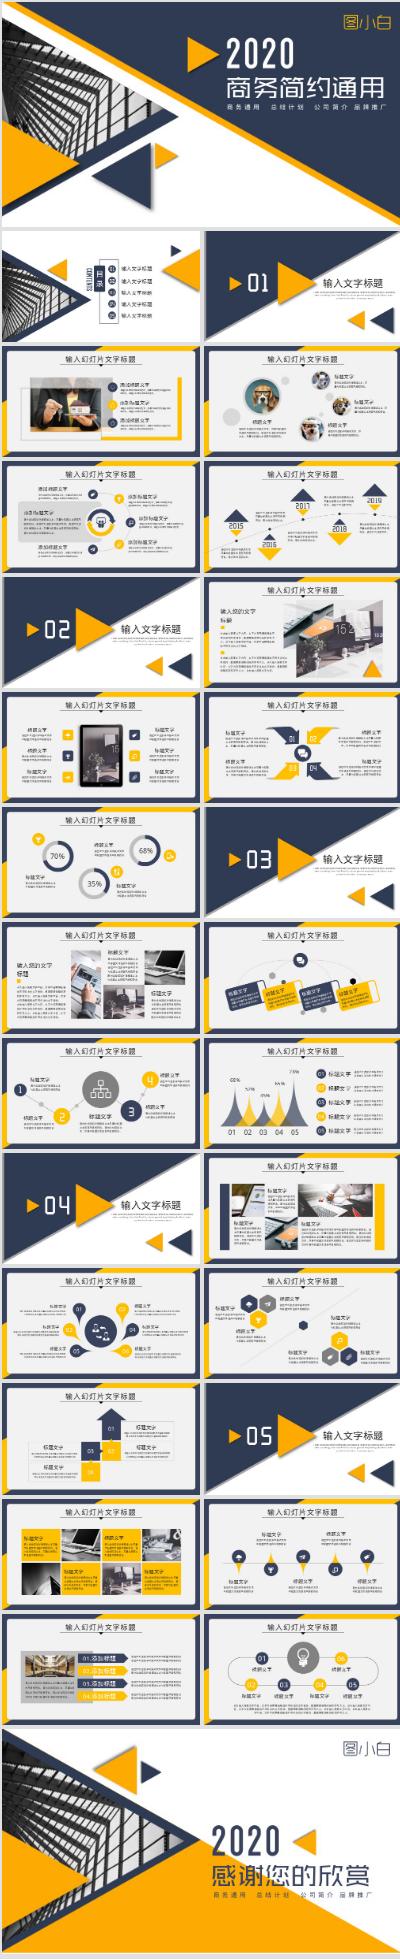 蓝黄配色工作总结商务通用模板